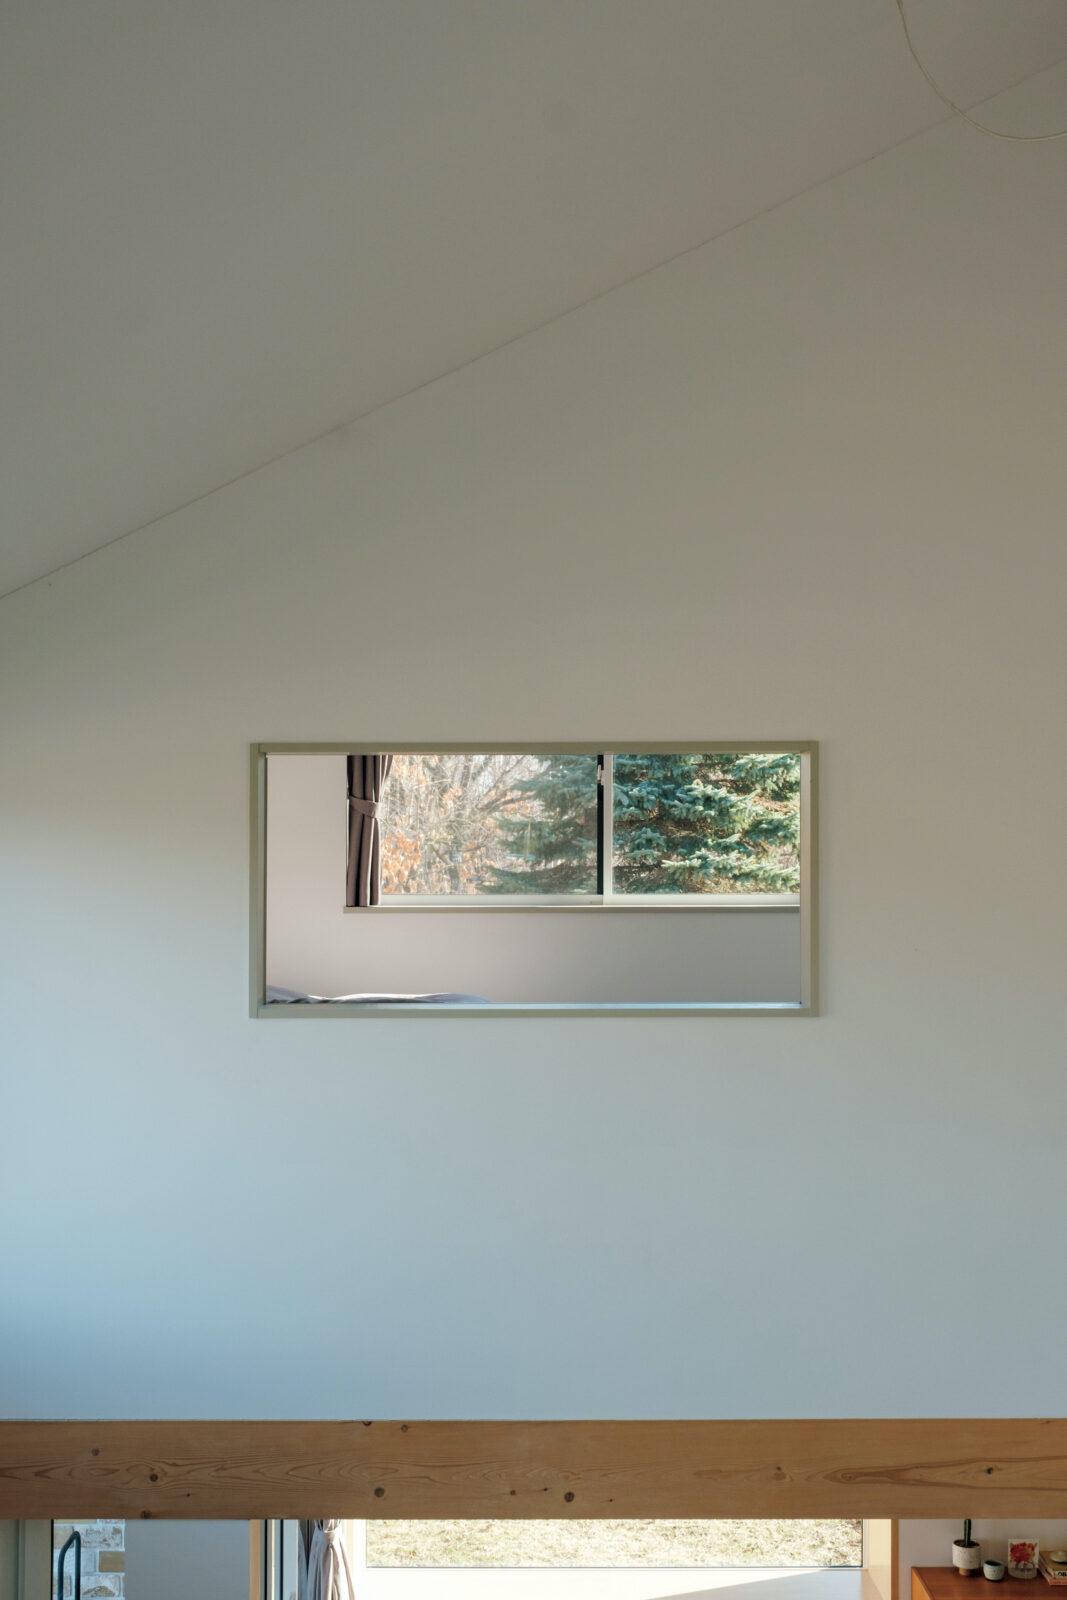 2階のゲストルームから、吹き抜けを通して対面の寝室を見る。天井に天窓を開けようかと迷ったが、「開けなくてよかった。真っ白な天井が景色を生かしているなあ、と実感しています」。